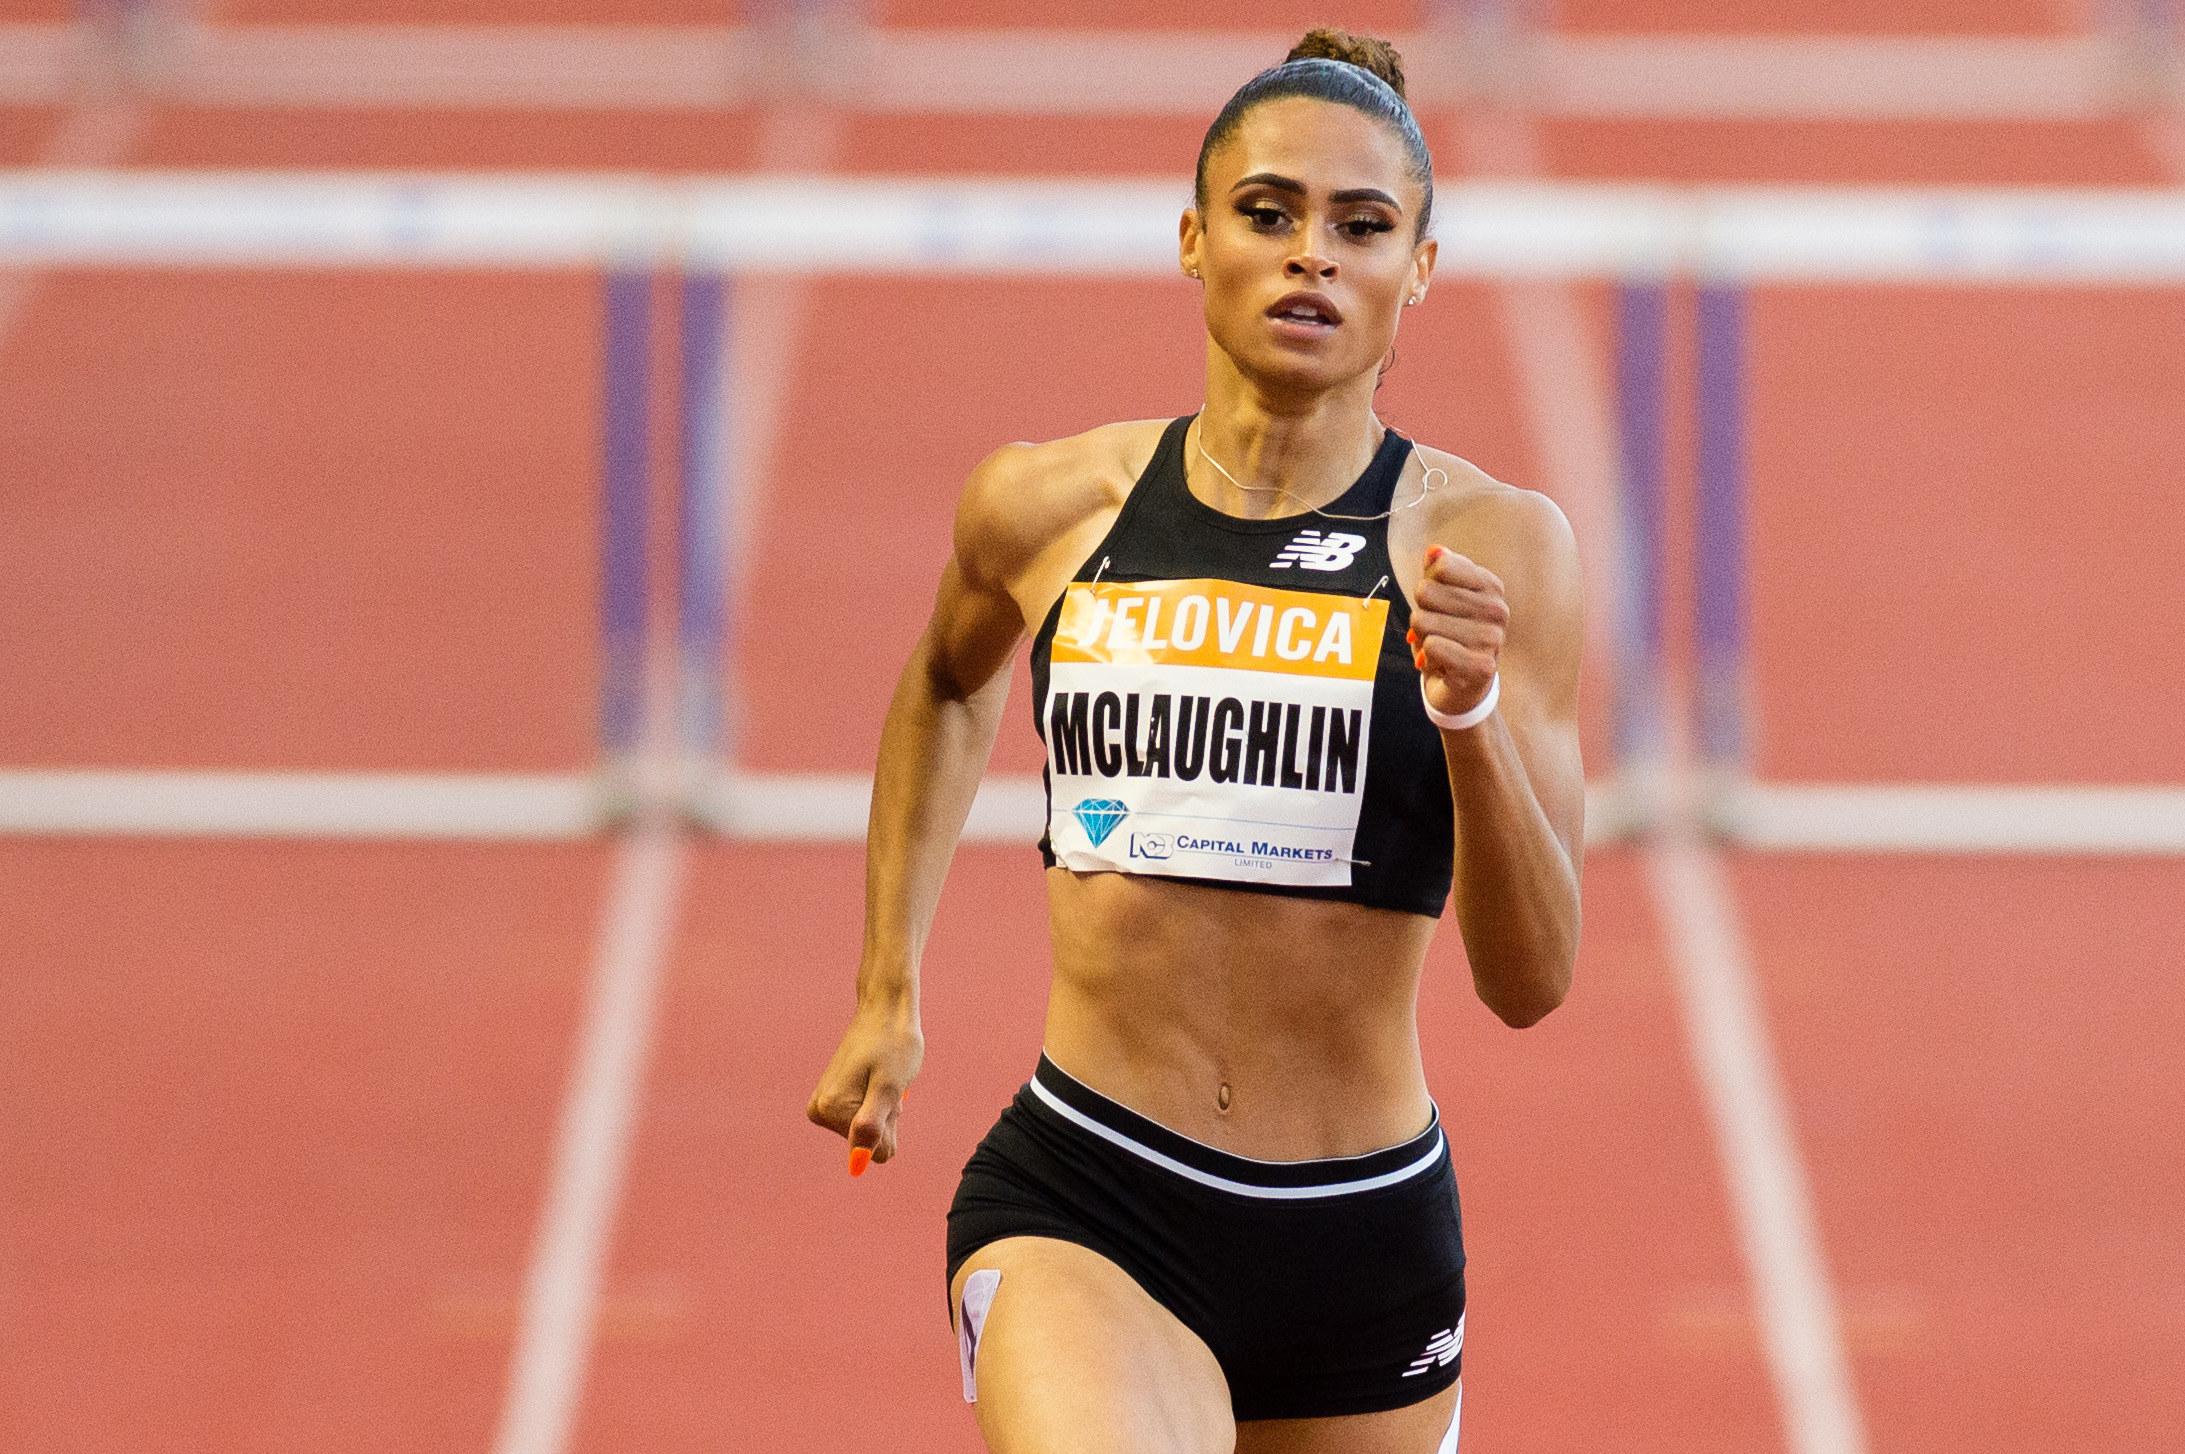 Sydney McLaughlin runs past hurdles